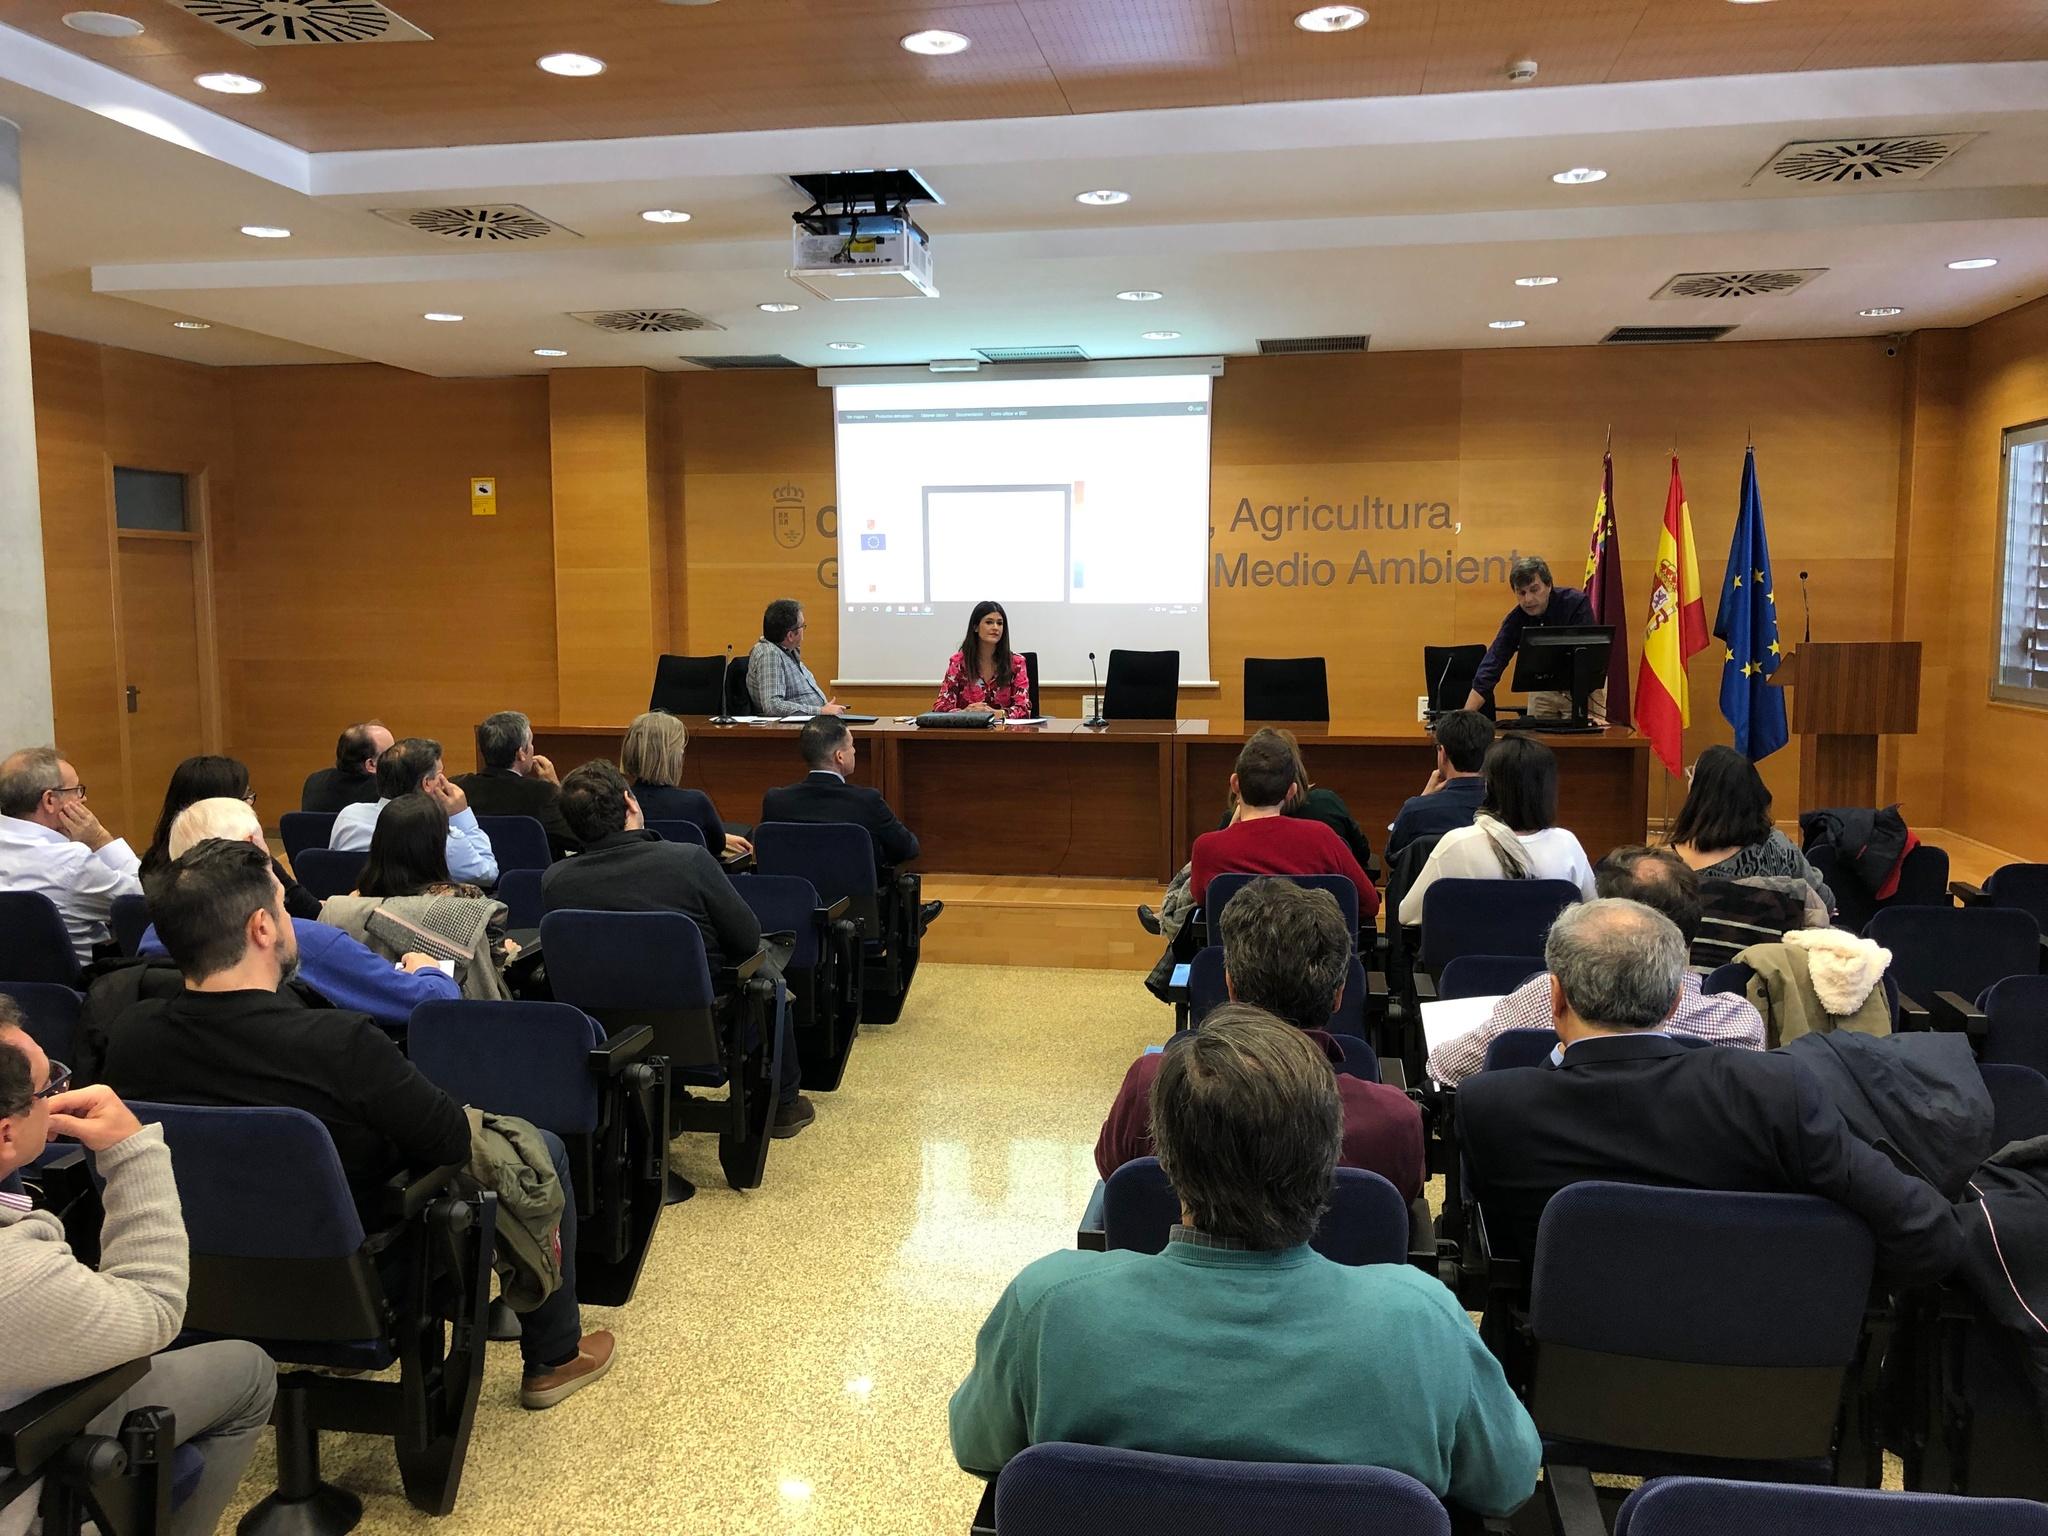 La directora General del Mar Menor, Miriam Pérez, preside la Comisión de Seguimiento del Mar Menor. Imagen: CARM